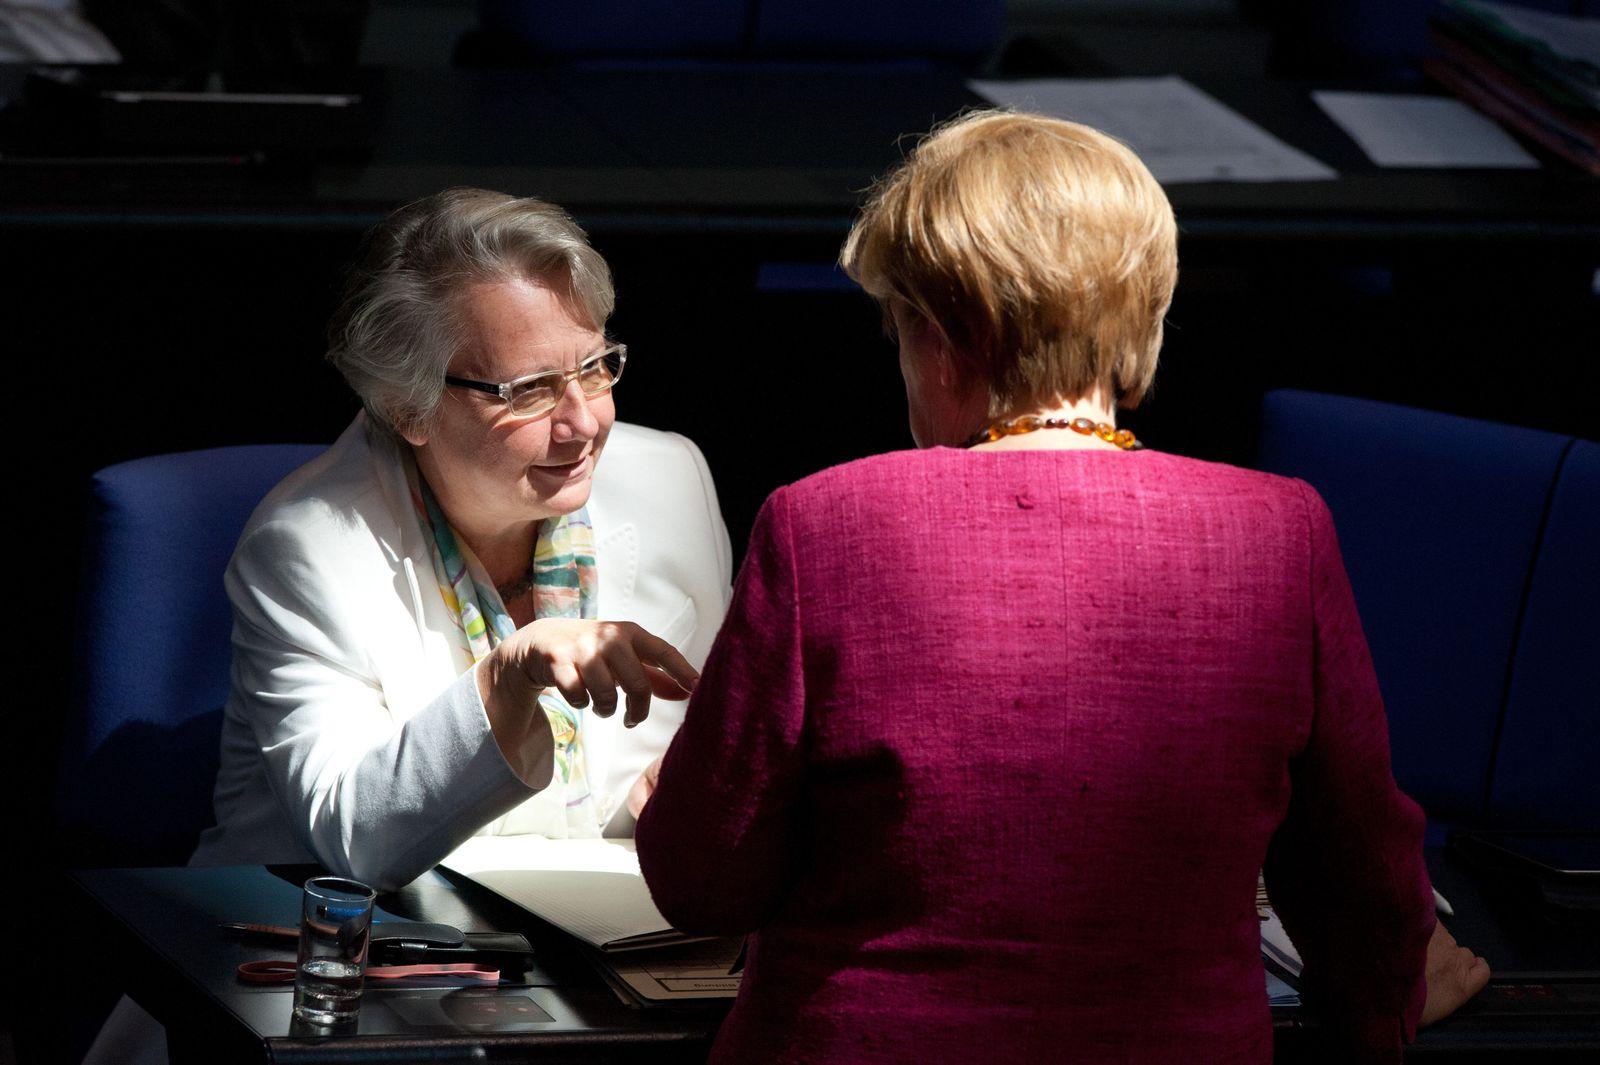 Merkel / Schavan